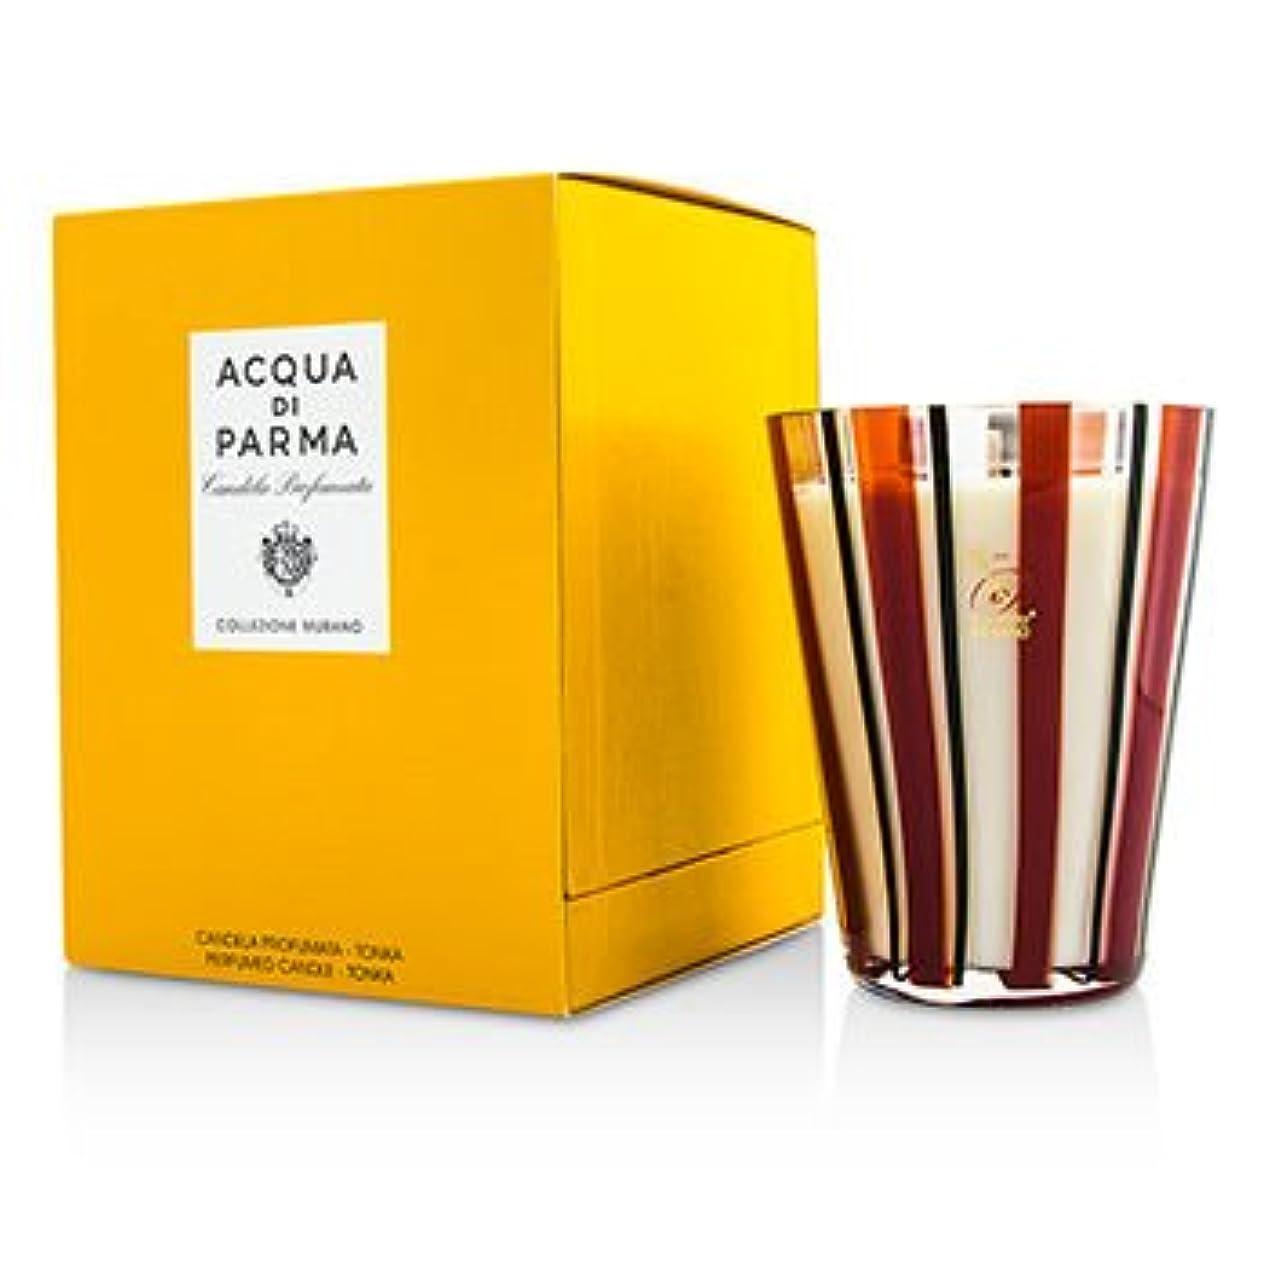 悲しむ裸ガラガラ[Acqua Di Parma] Murano Glass Perfumed Candle - Tonka 200g/7.05oz